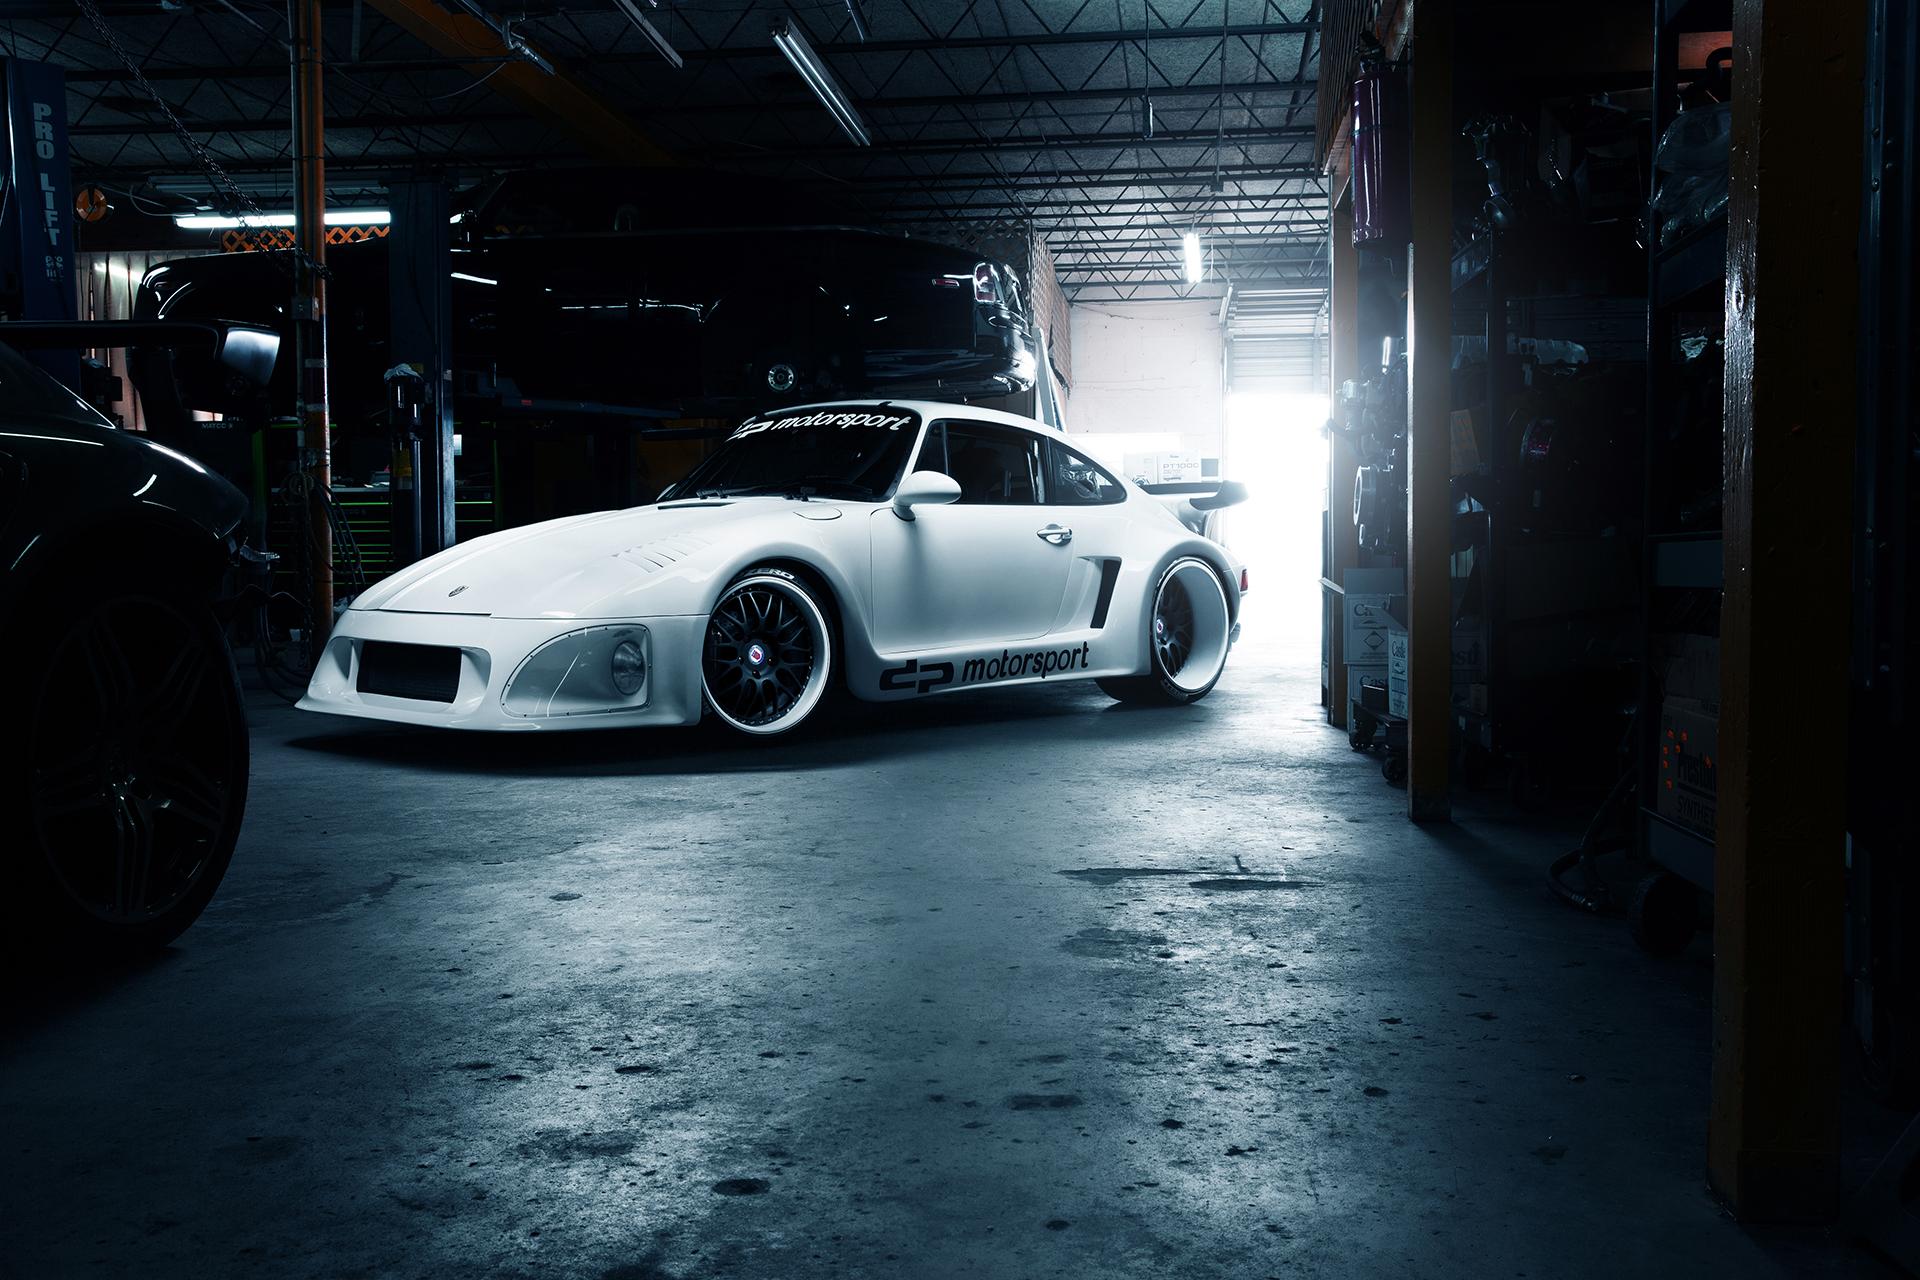 Slantnose Porsche